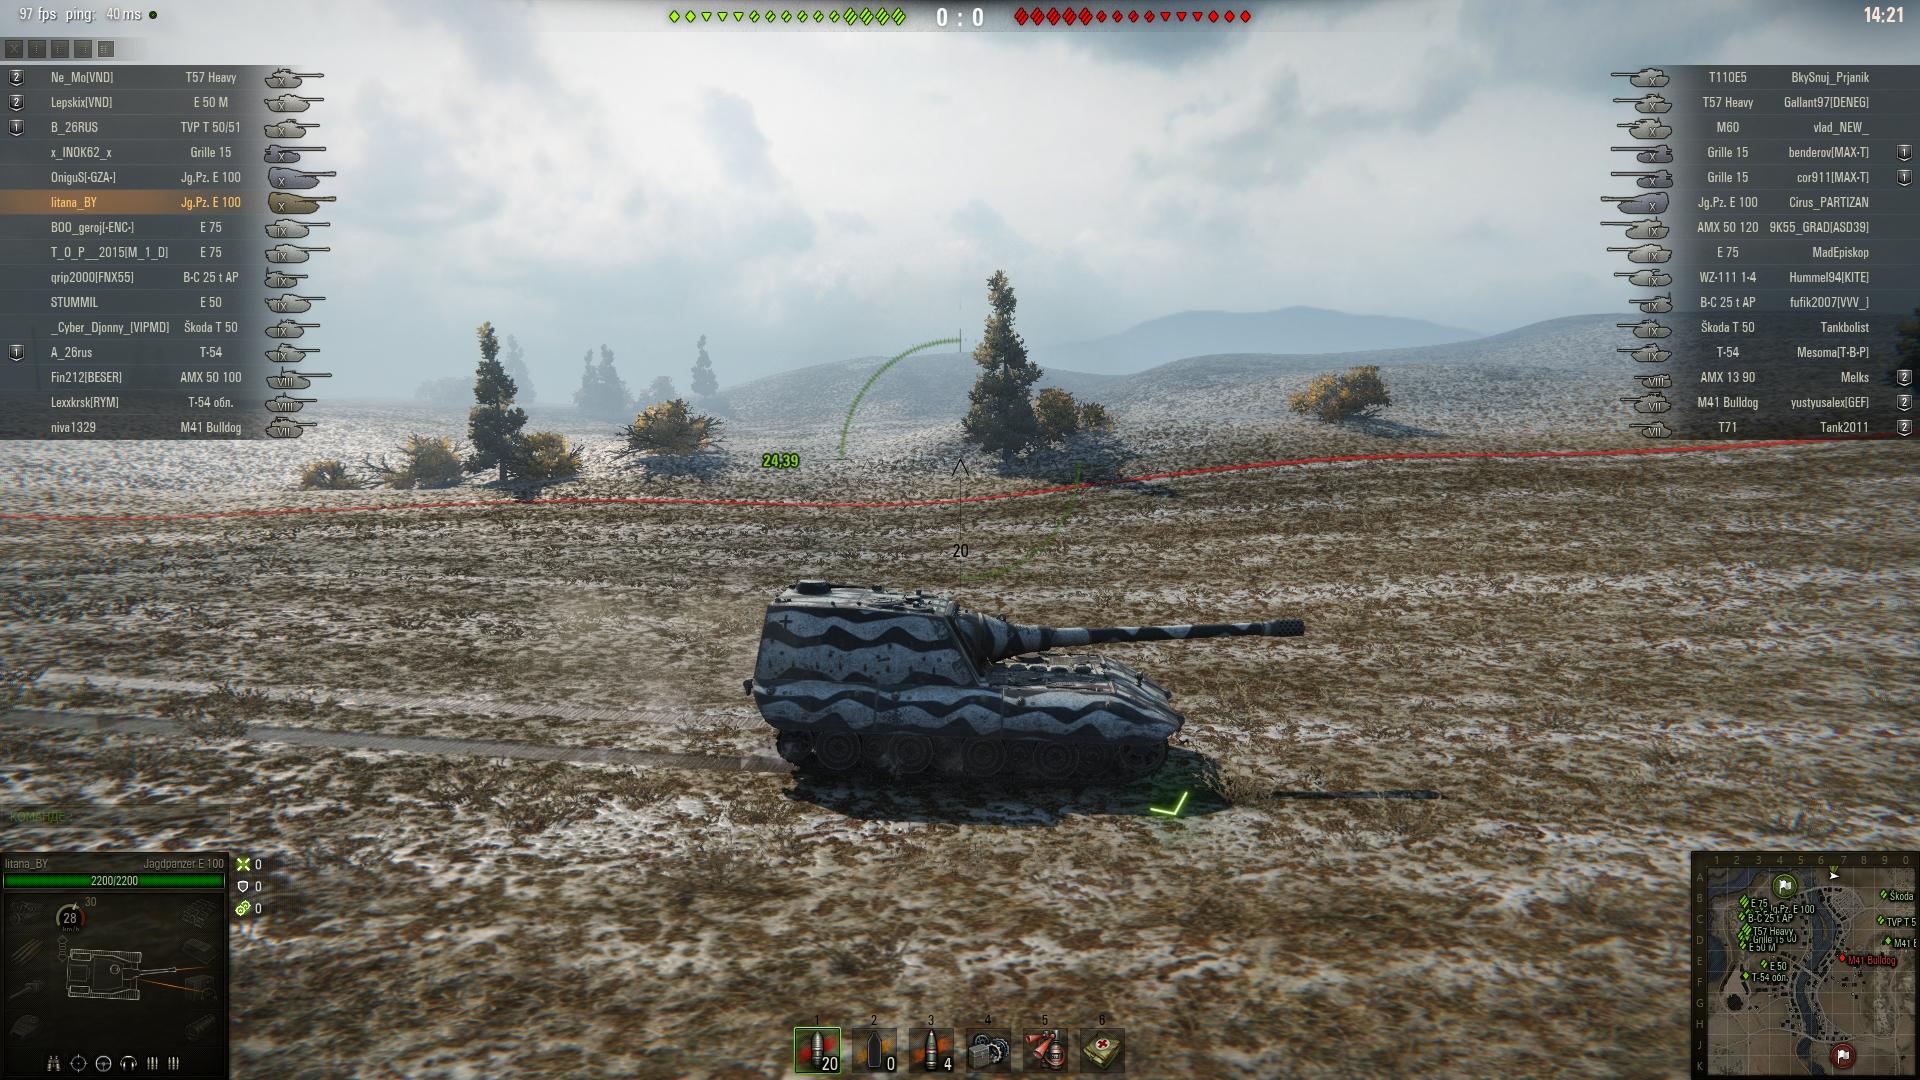 shot_013.jpg - World of Tanks